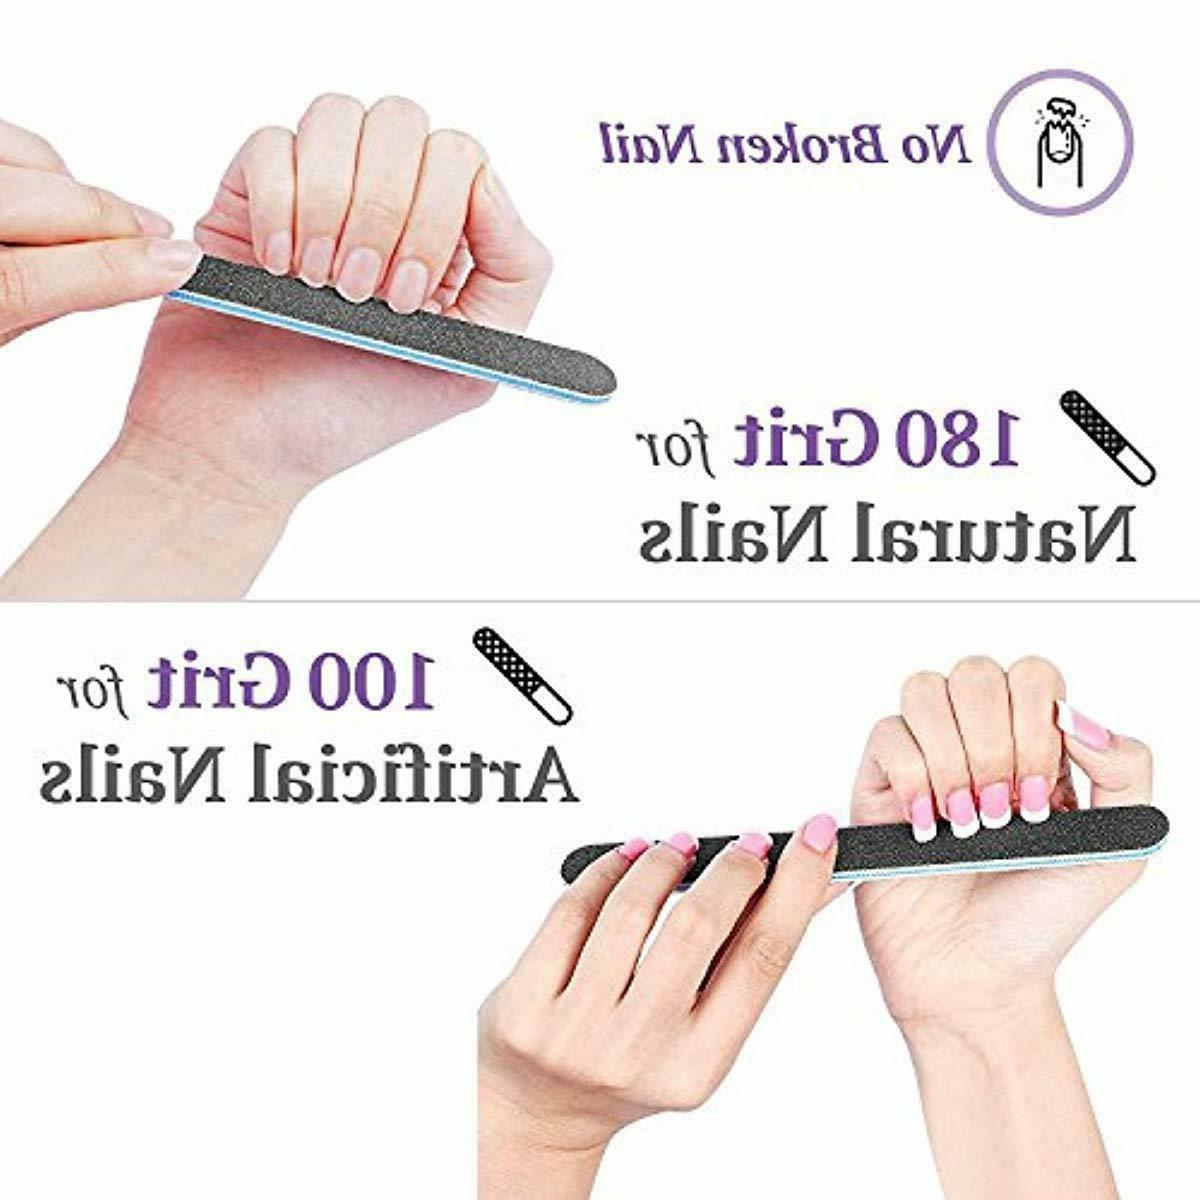 Nail Files TsMADDTs Kit